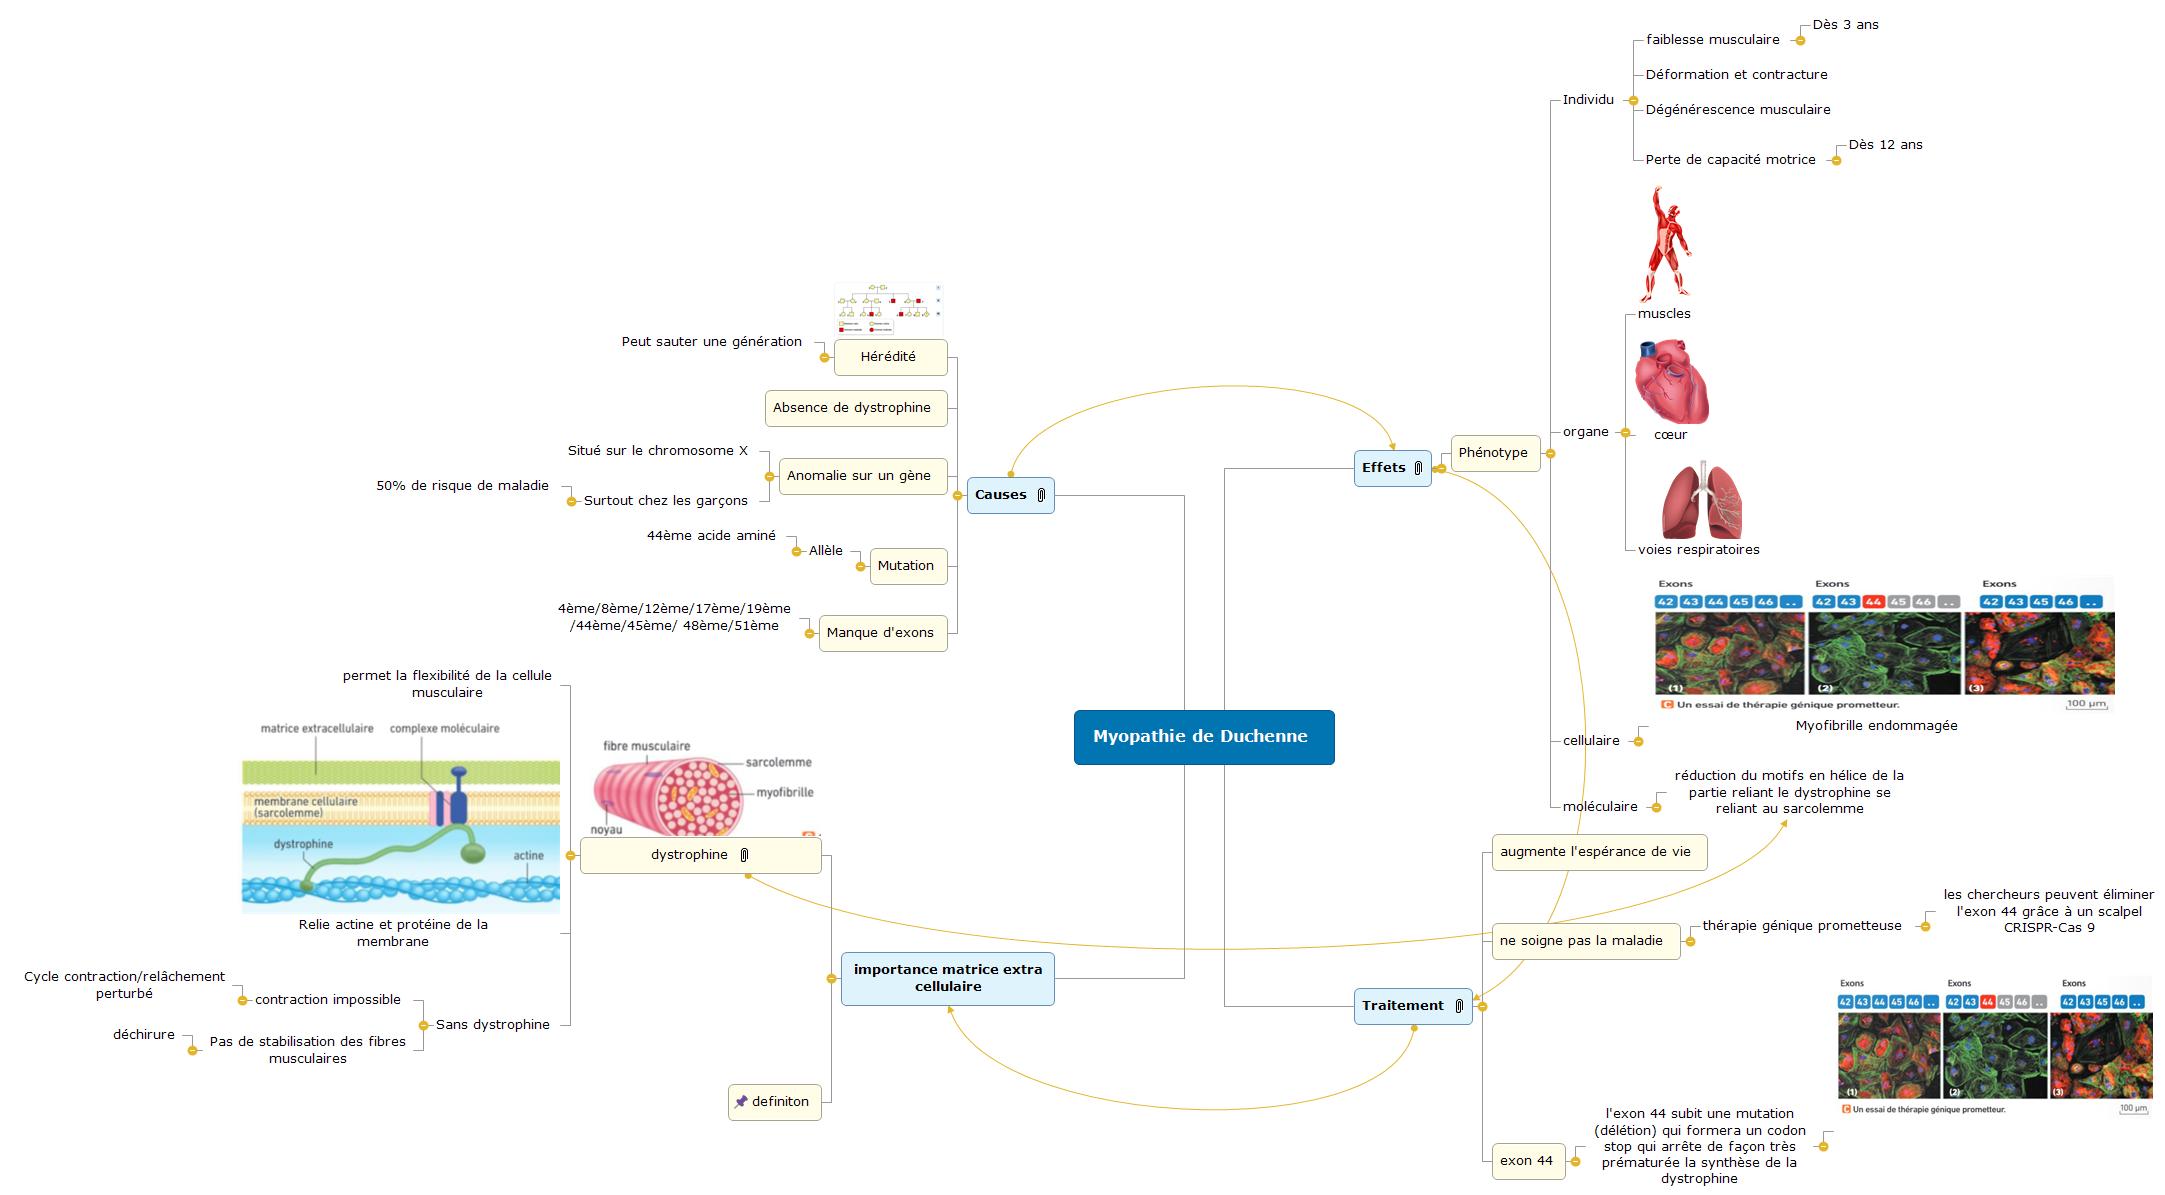 Myopathie de Duchenne1 (1) Mind Maps